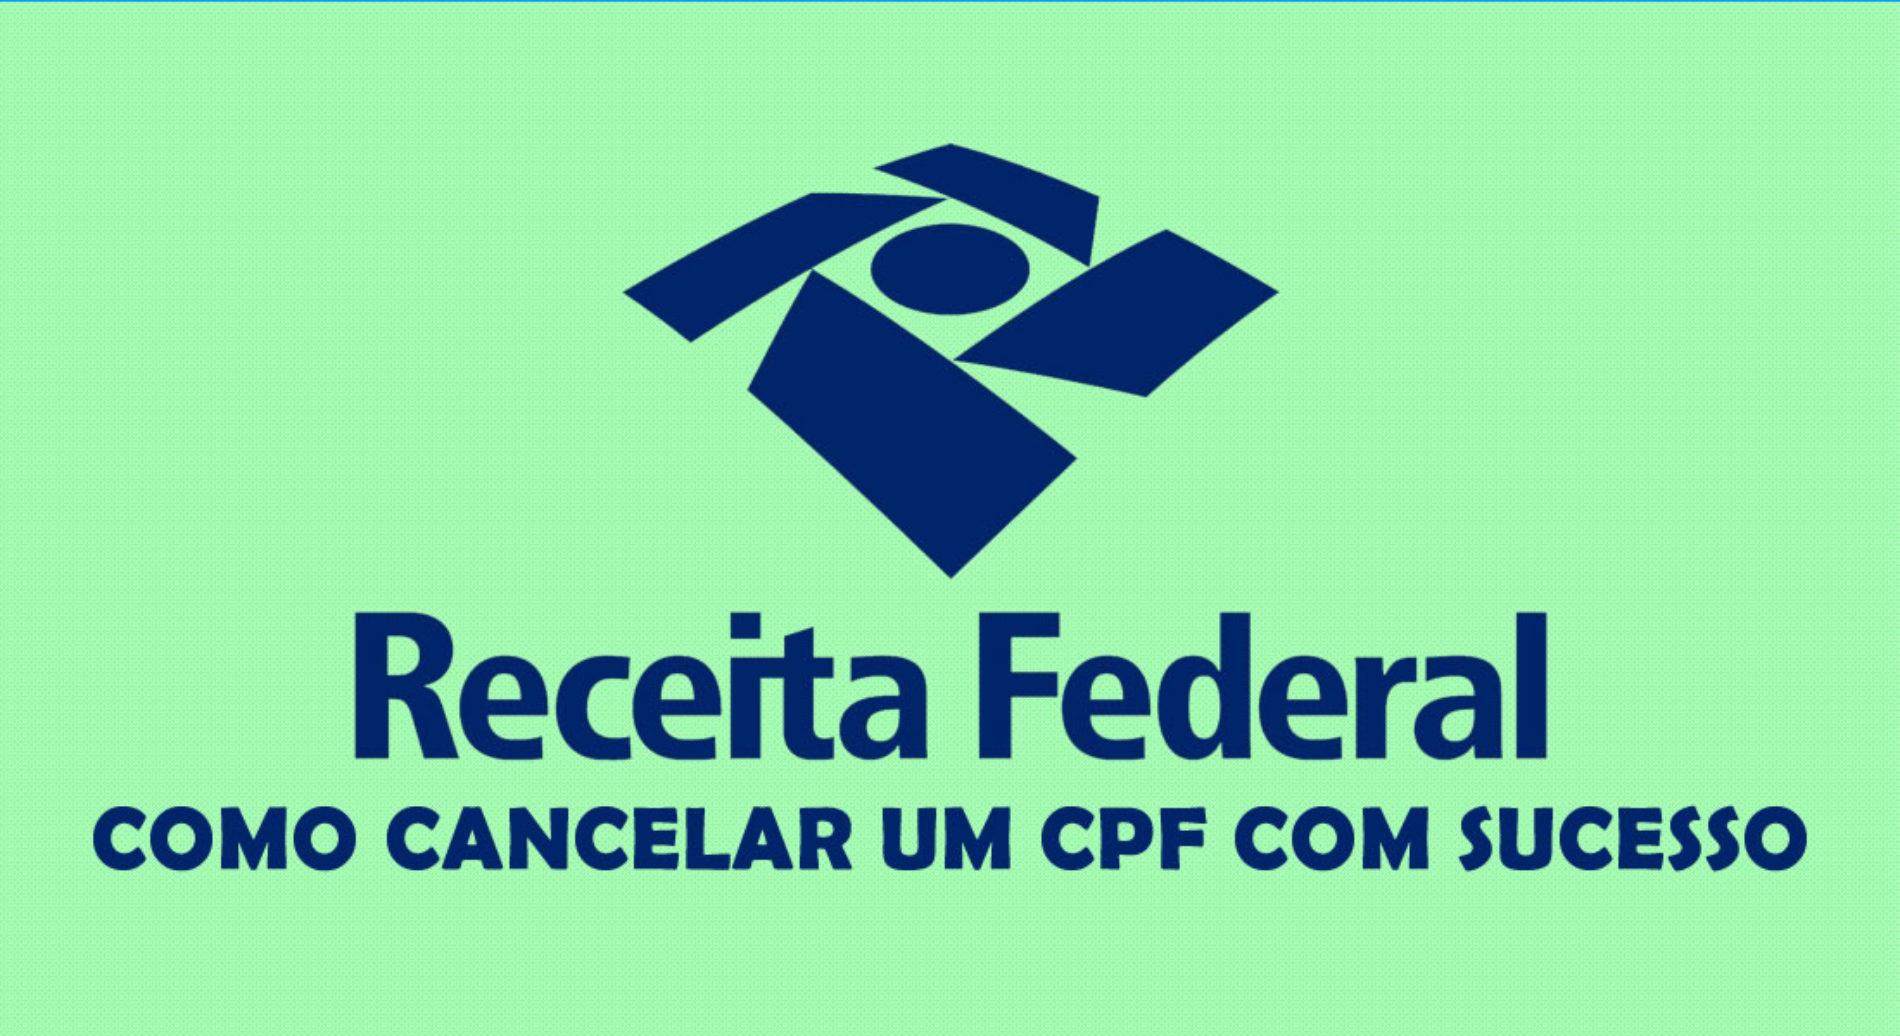 Como fazer para CANCELAR um CPF?